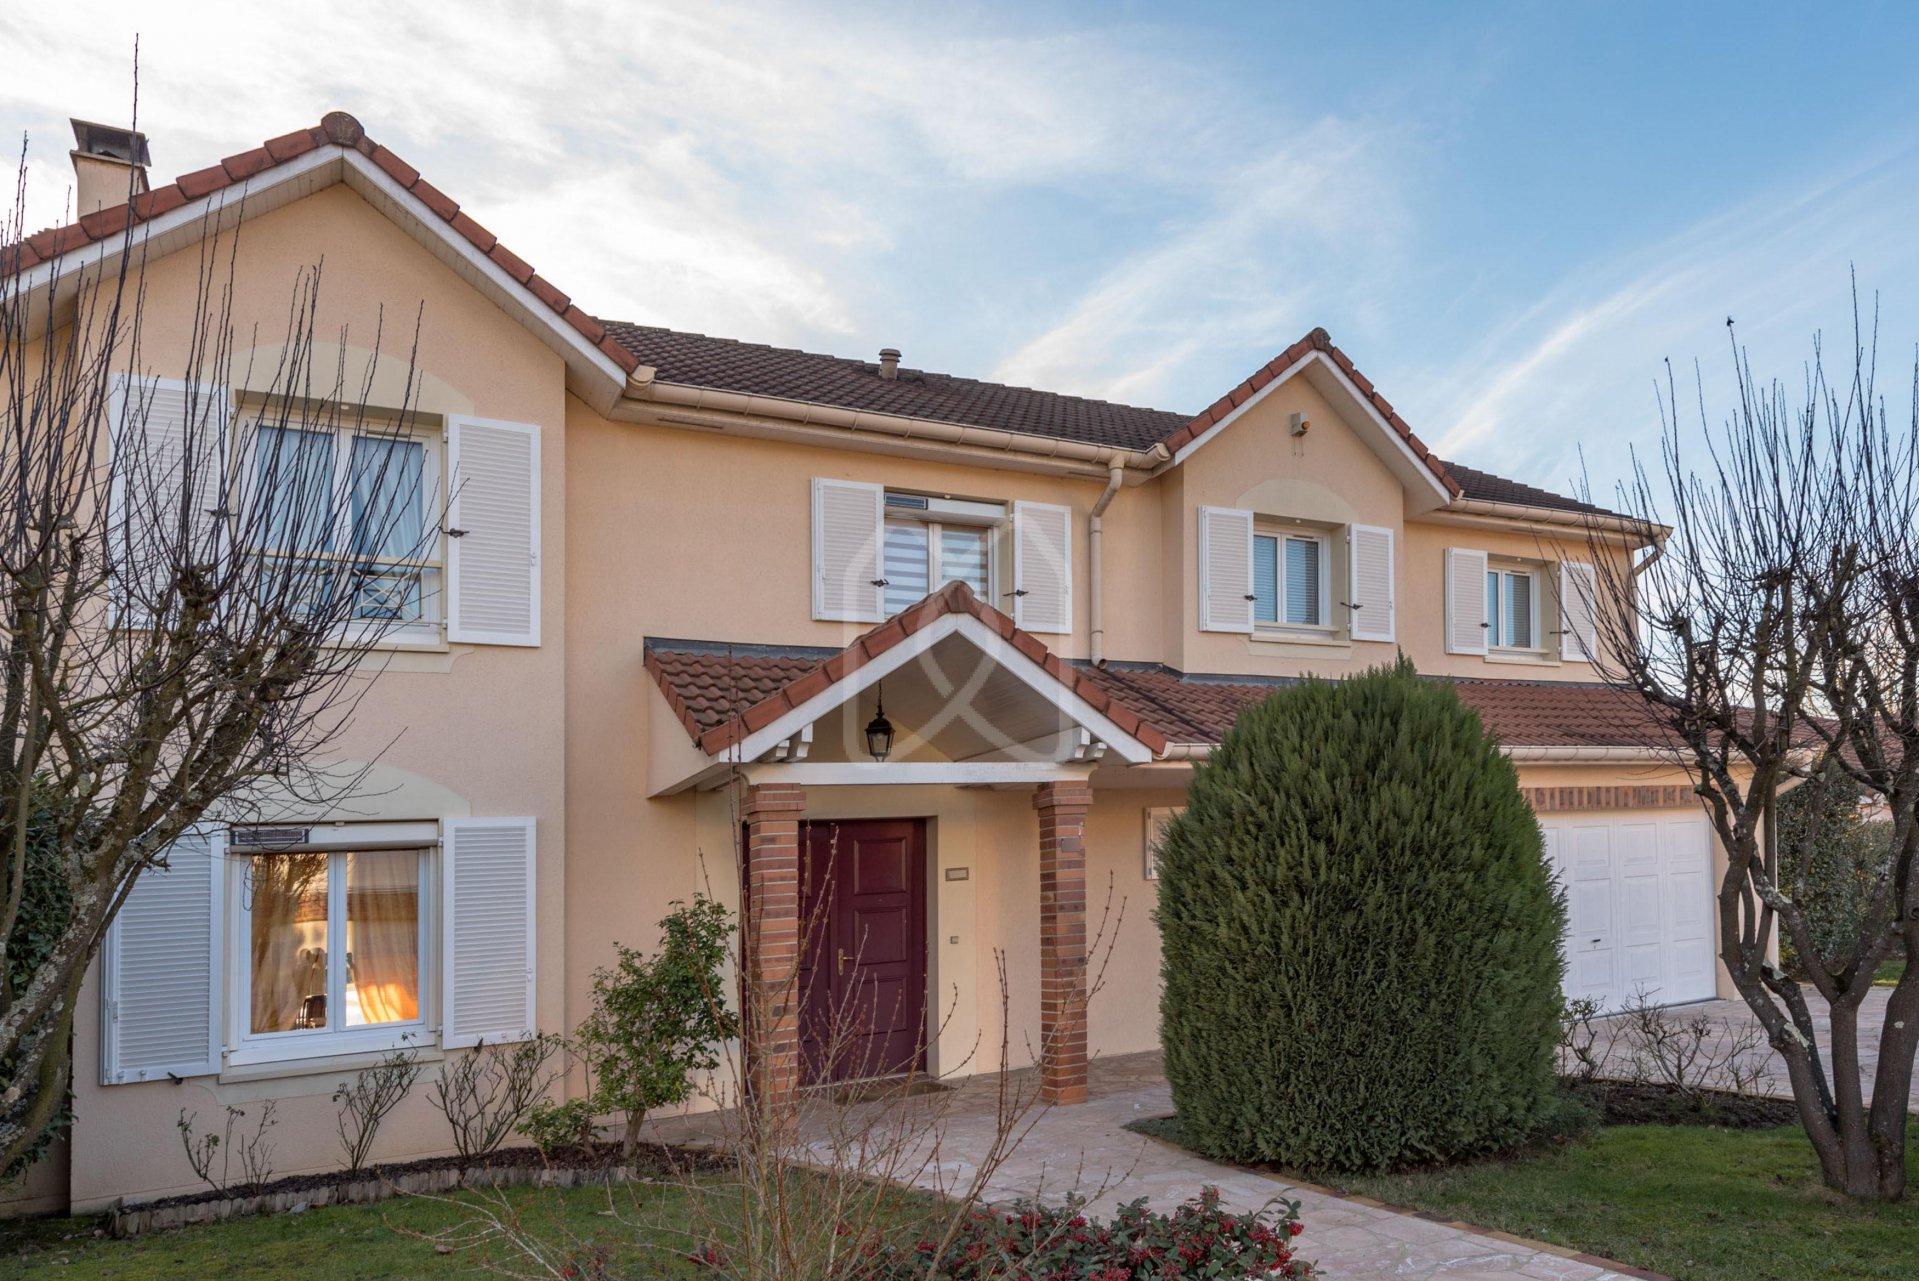 Vente Maison - Ozoir-la-Ferrière